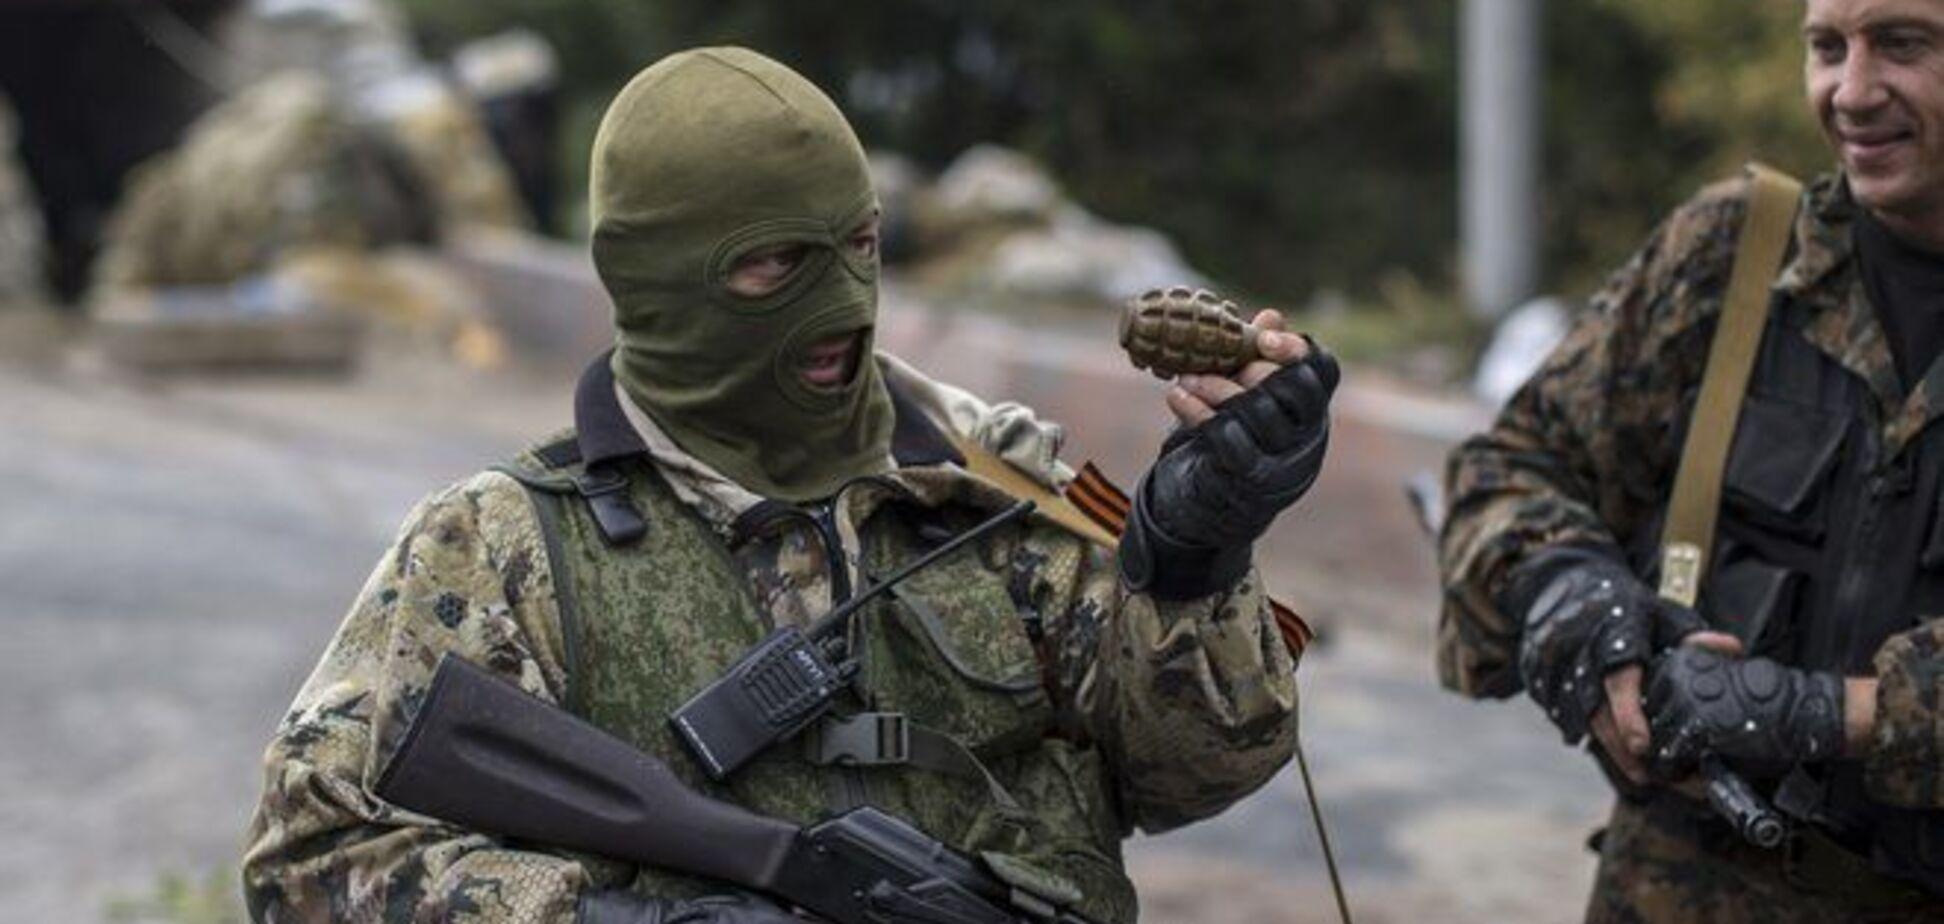 На Донетчине террорист разбрасывал по улице противопехотные гранаты